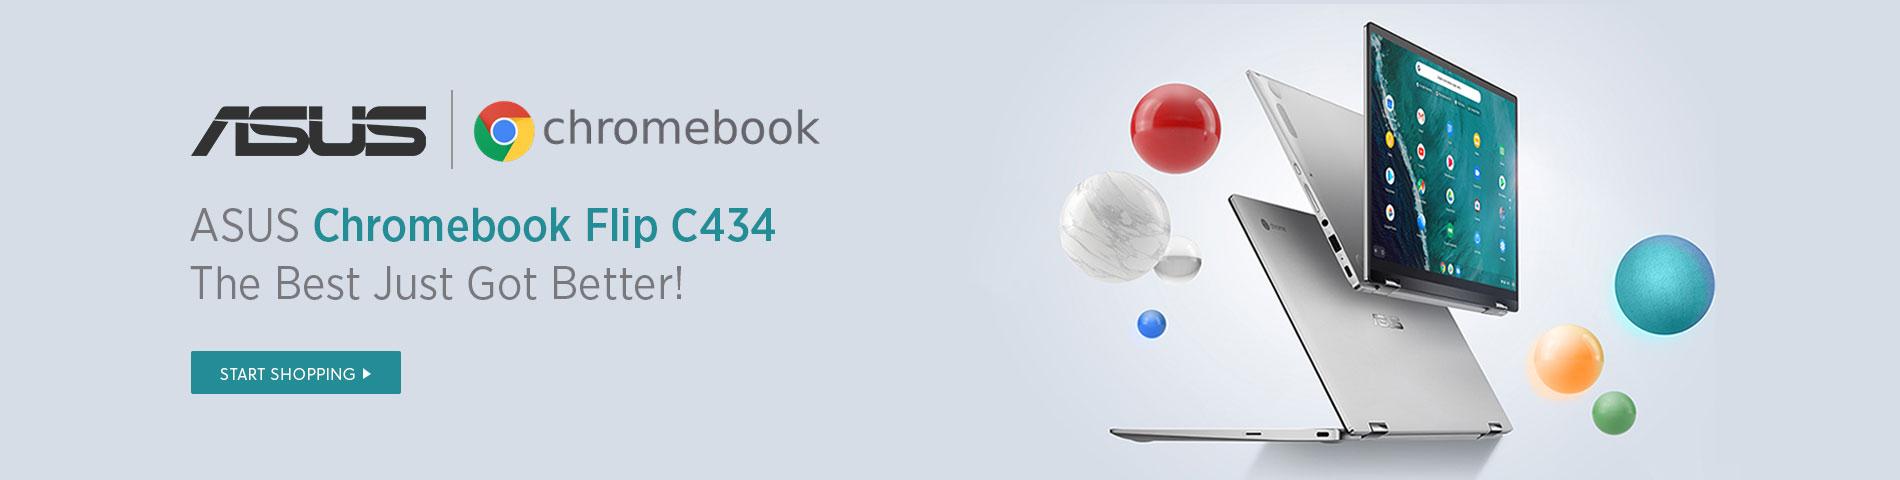 Asus C434 Flip Chromebook